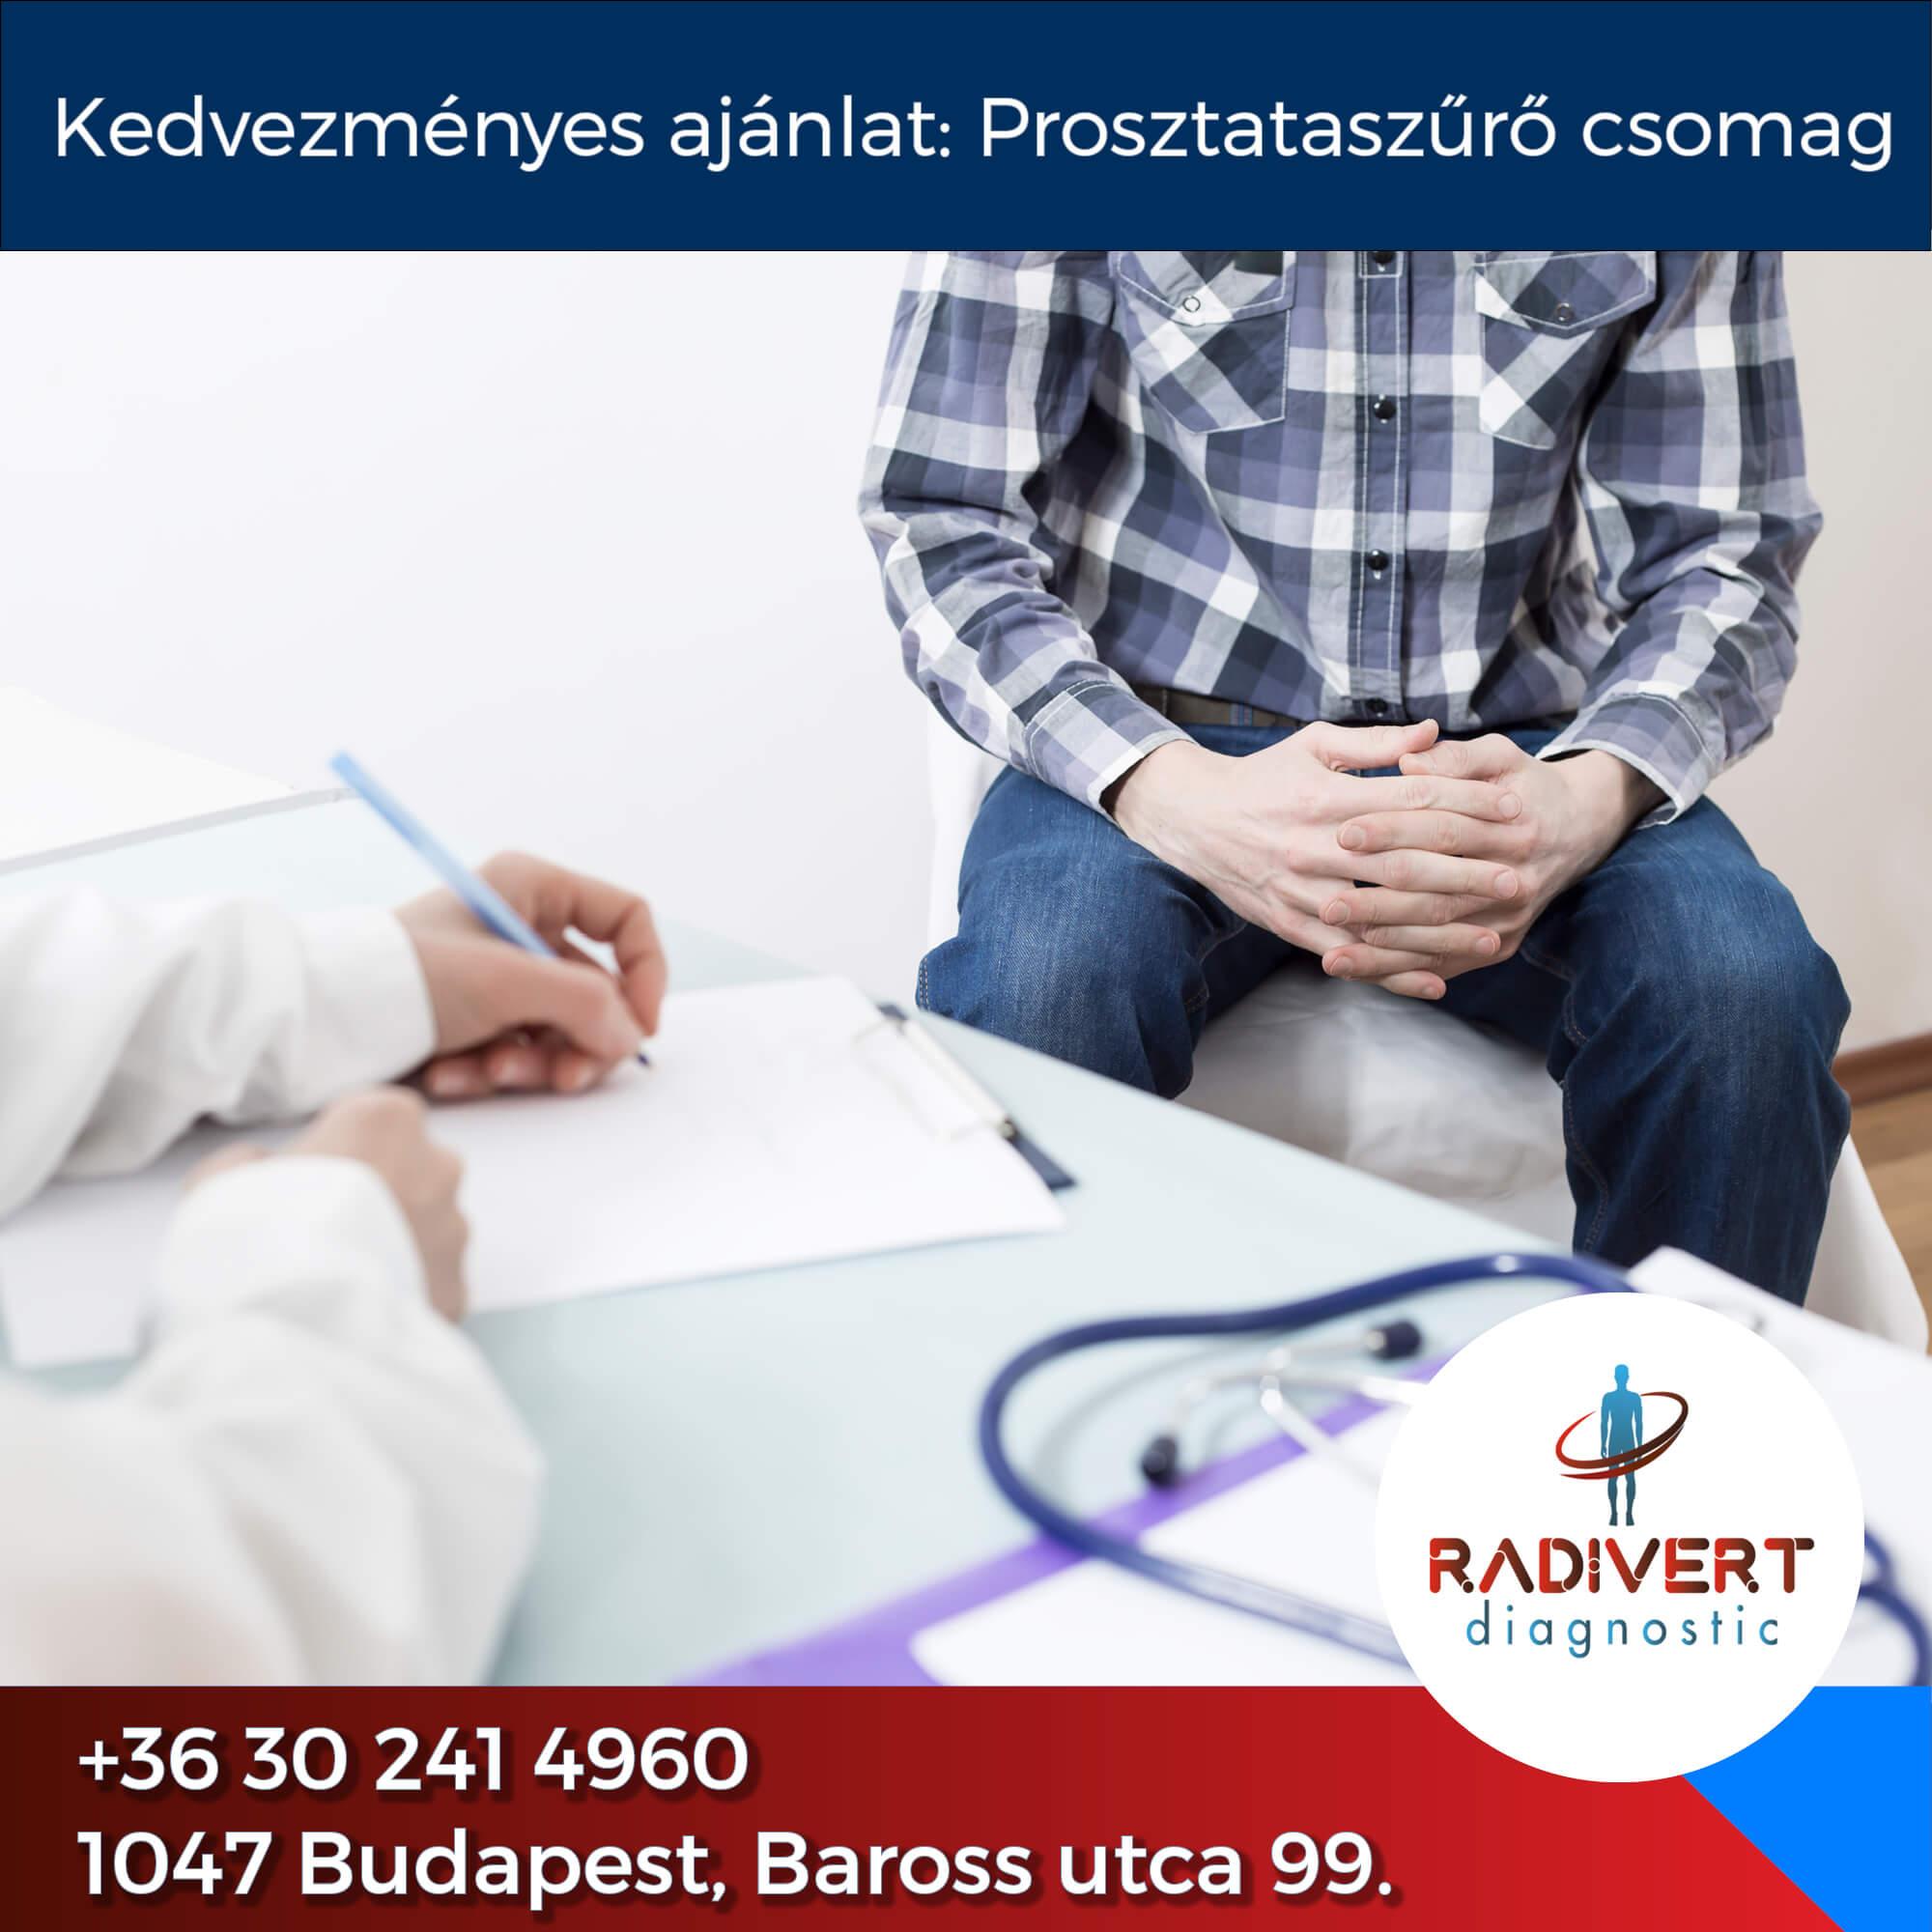 A férfiaknál általában 55 év felett kezdődik a prosztata megnagyobbodása, és sajnos a prosztata daganat előfordulása is drasztikusan megnövekszik.